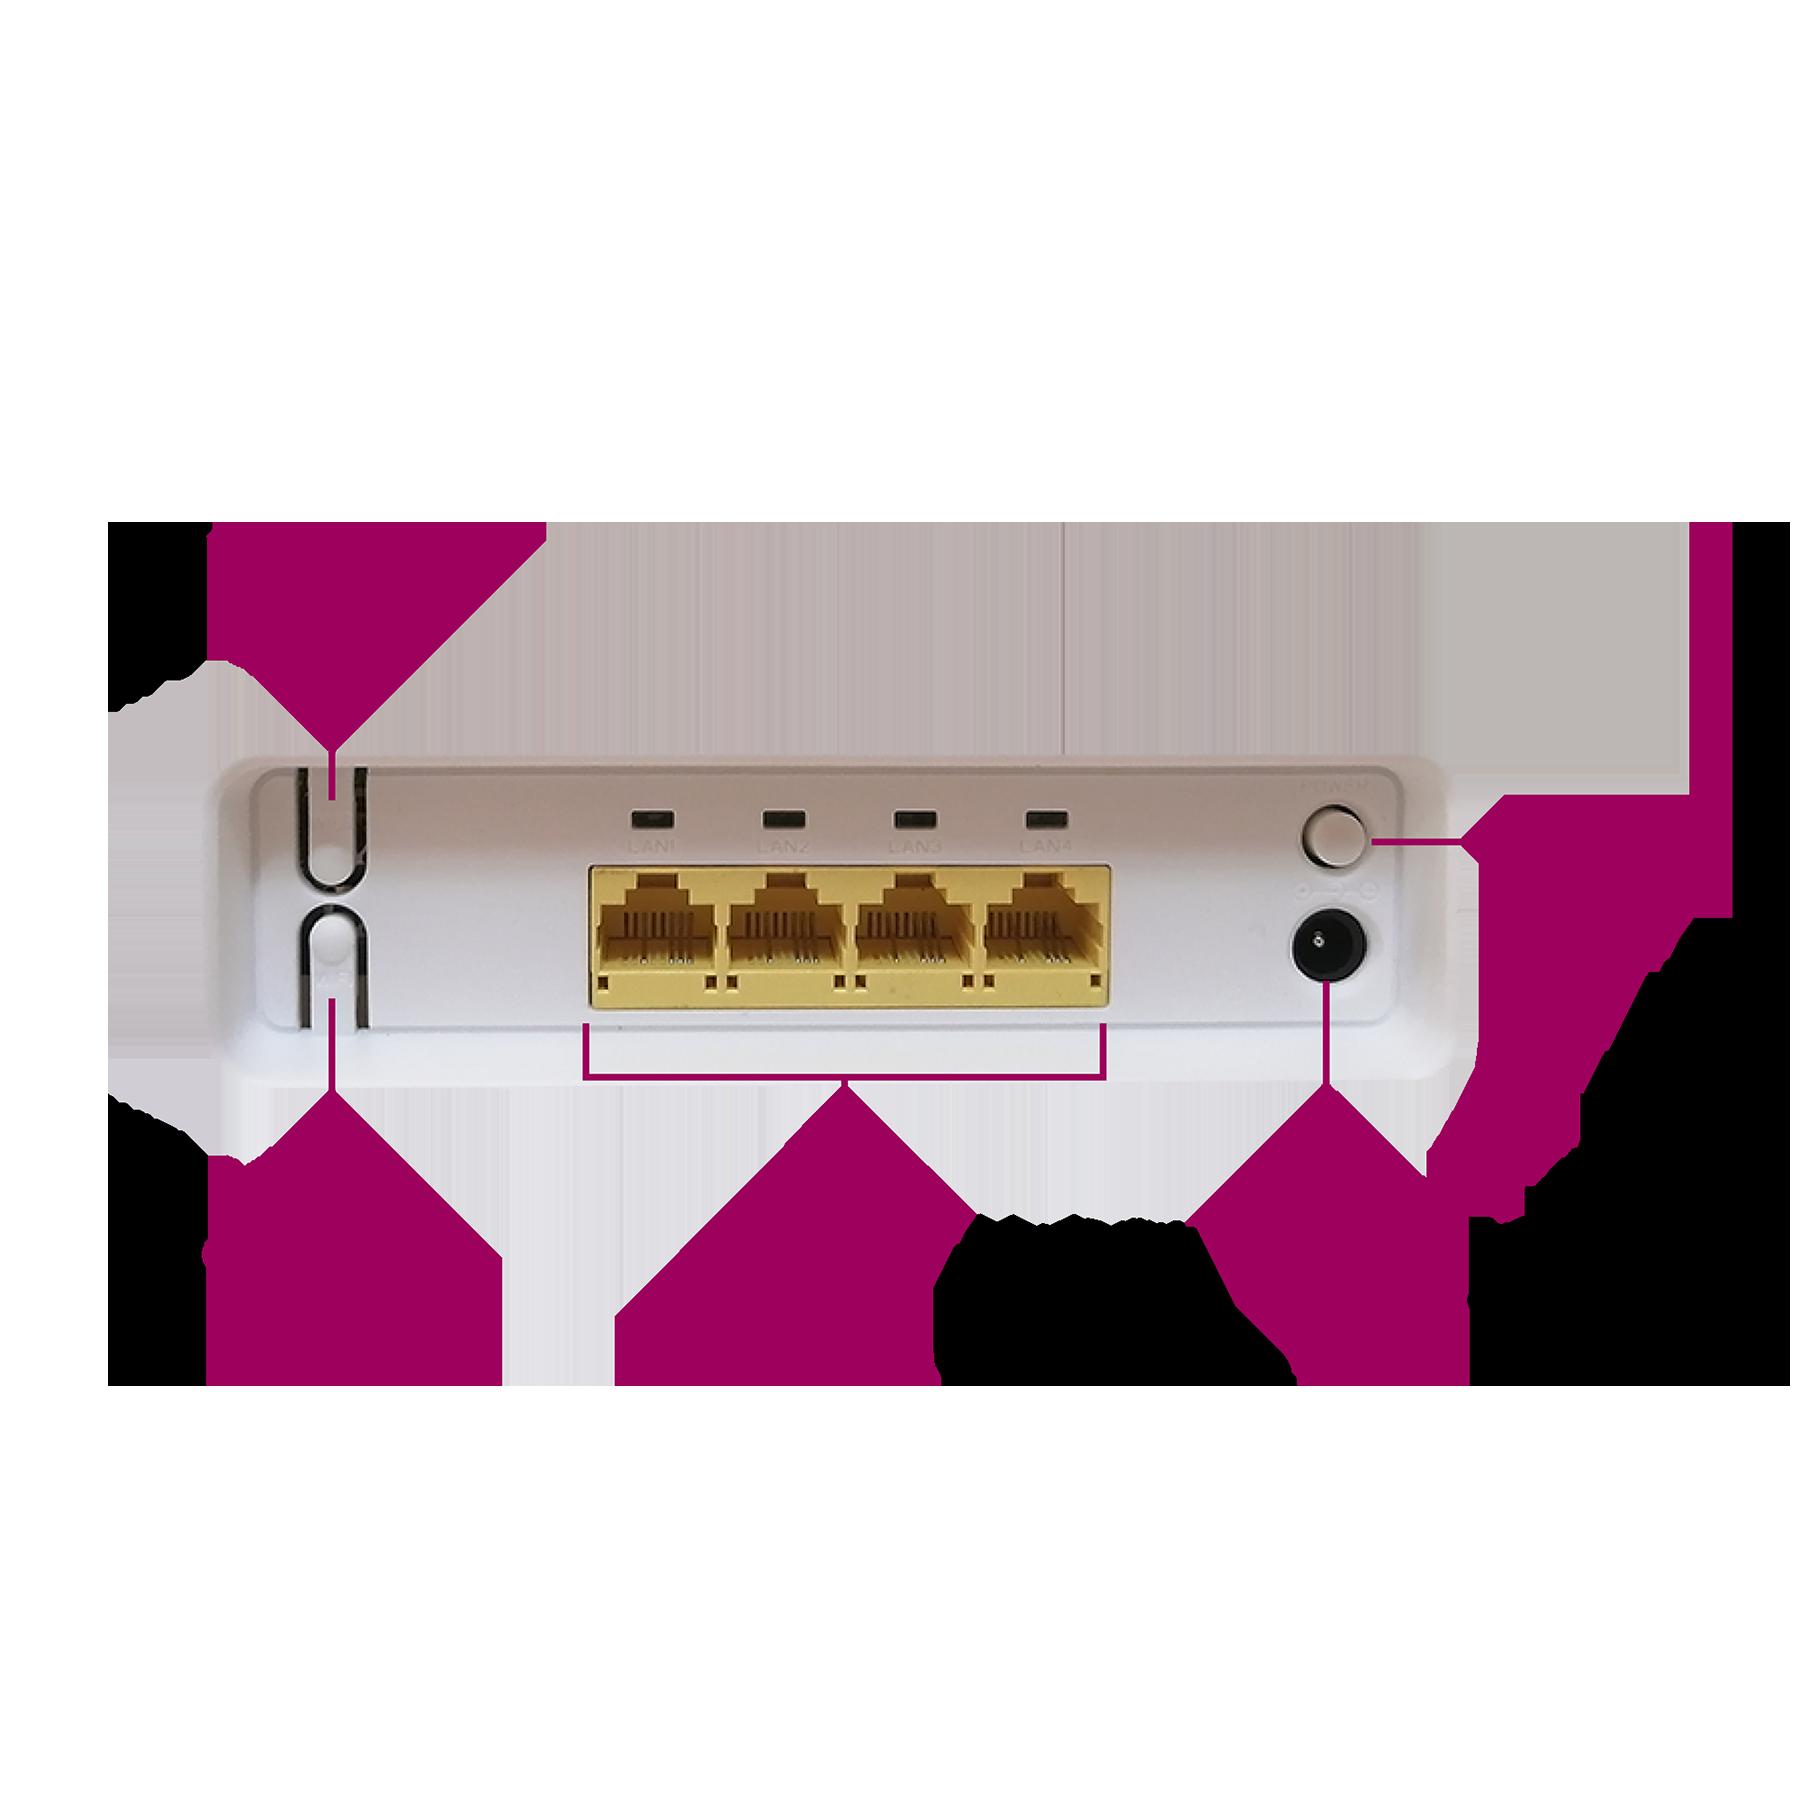 FD-i40-B1, خرید مودم, مودم 4G ایرانسل, مودم آنلاک FD-i40-B1, مودم ایرانسل